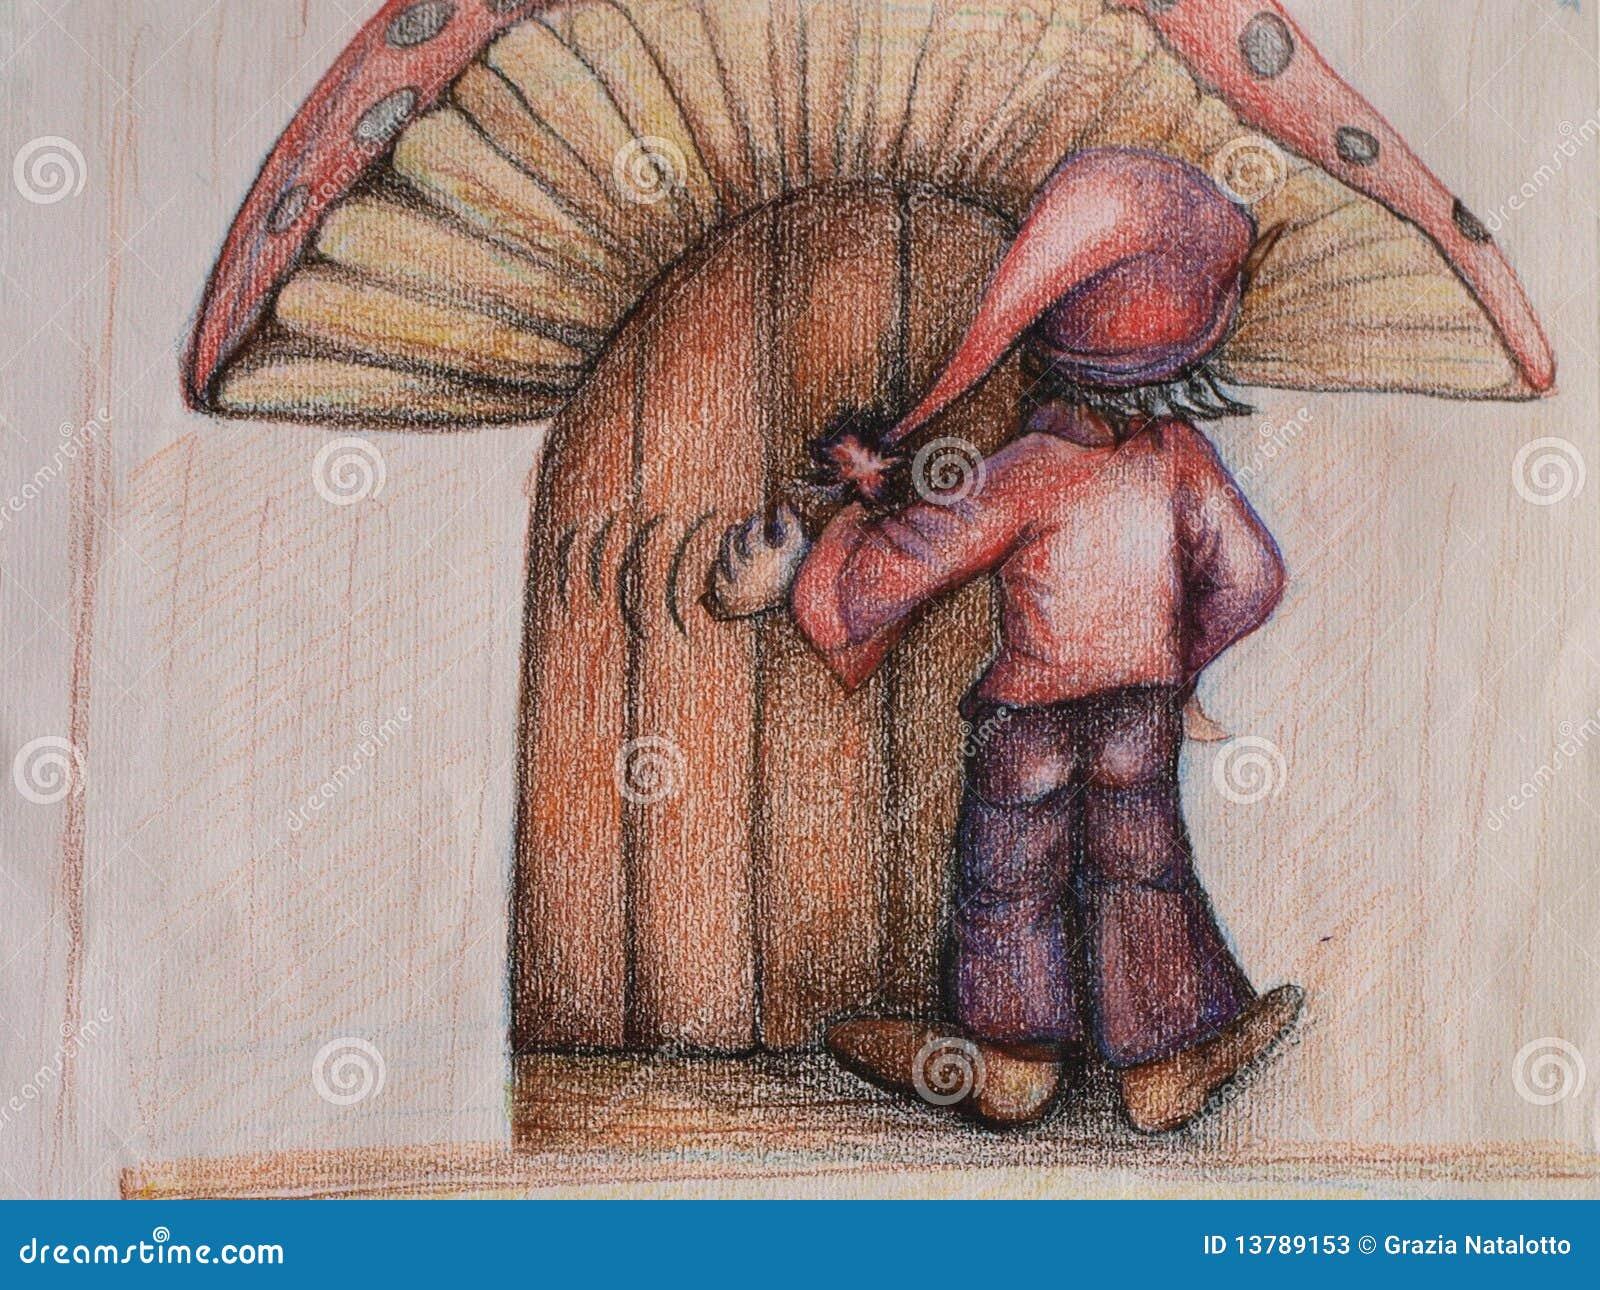 Elf knocking at the dwarf door stock photos image 13789153 for Works elf door